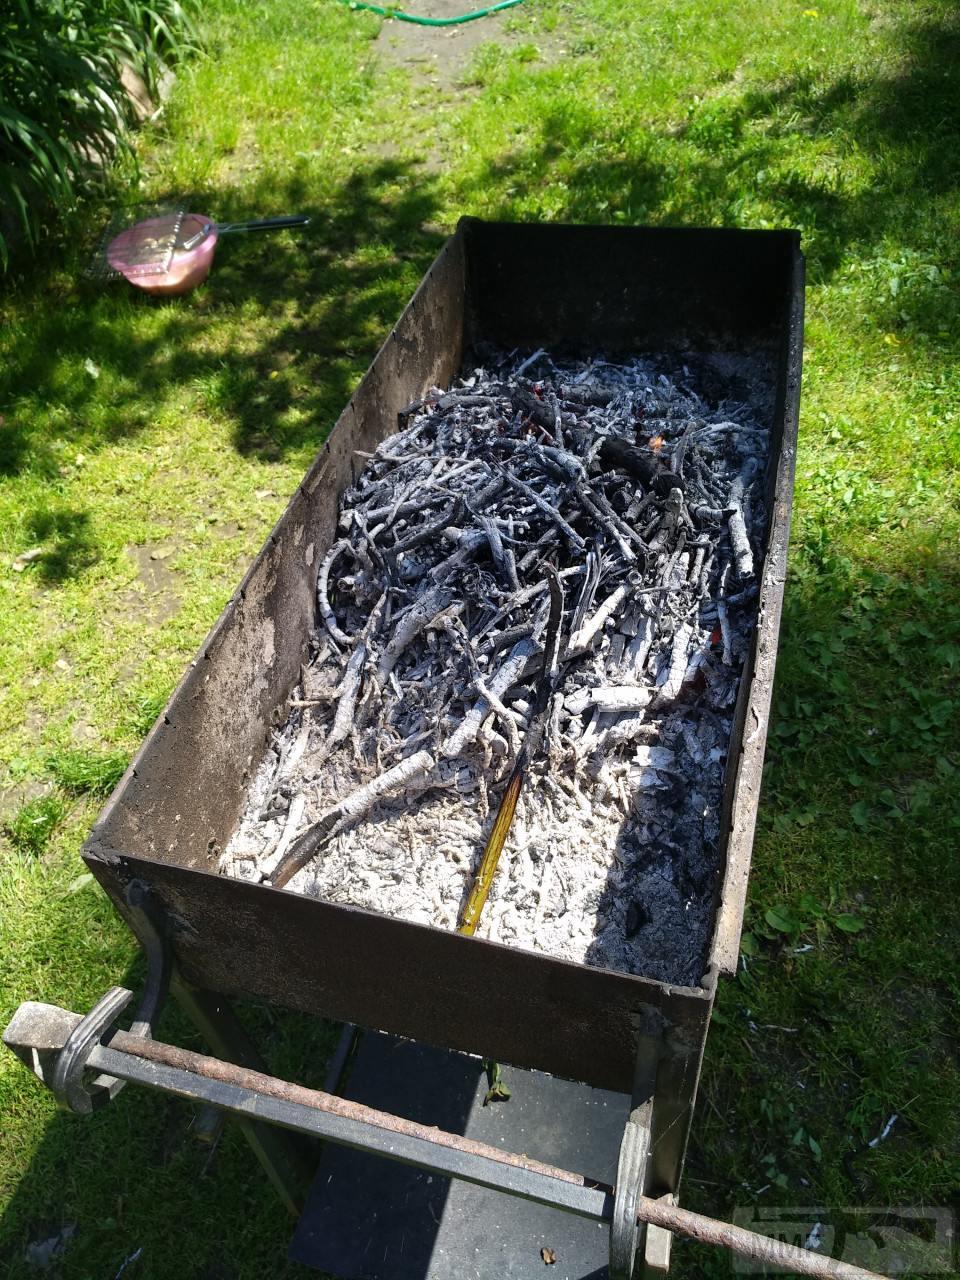 105083 - Закуски на огне (мангал, барбекю и т.д.) и кулинария вообще. Советы и рецепты.